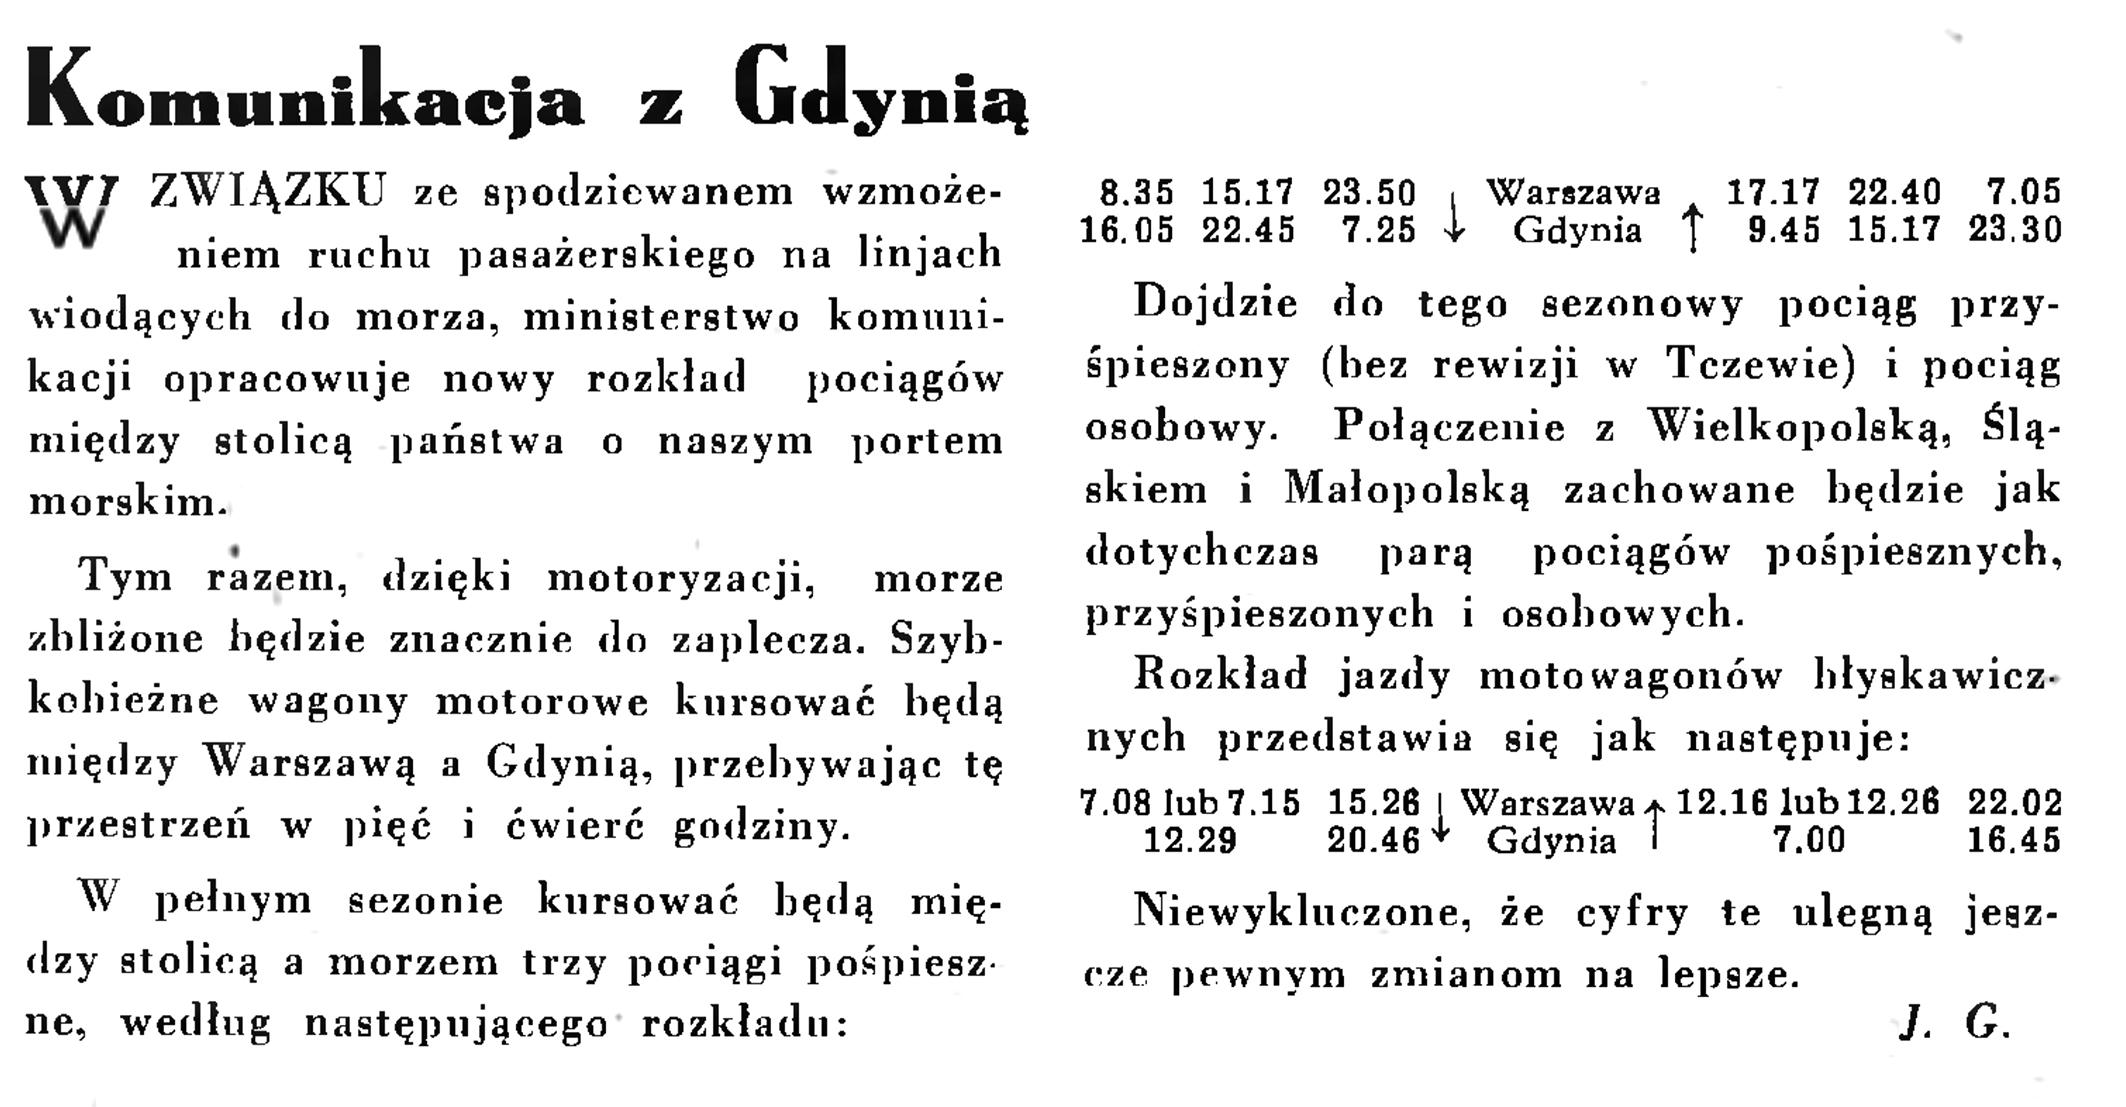 Towarzystwo Komunikacja z Gdynią // Wiadomości Portu Gdyńskiego. - 1935, nr 1, s. 4